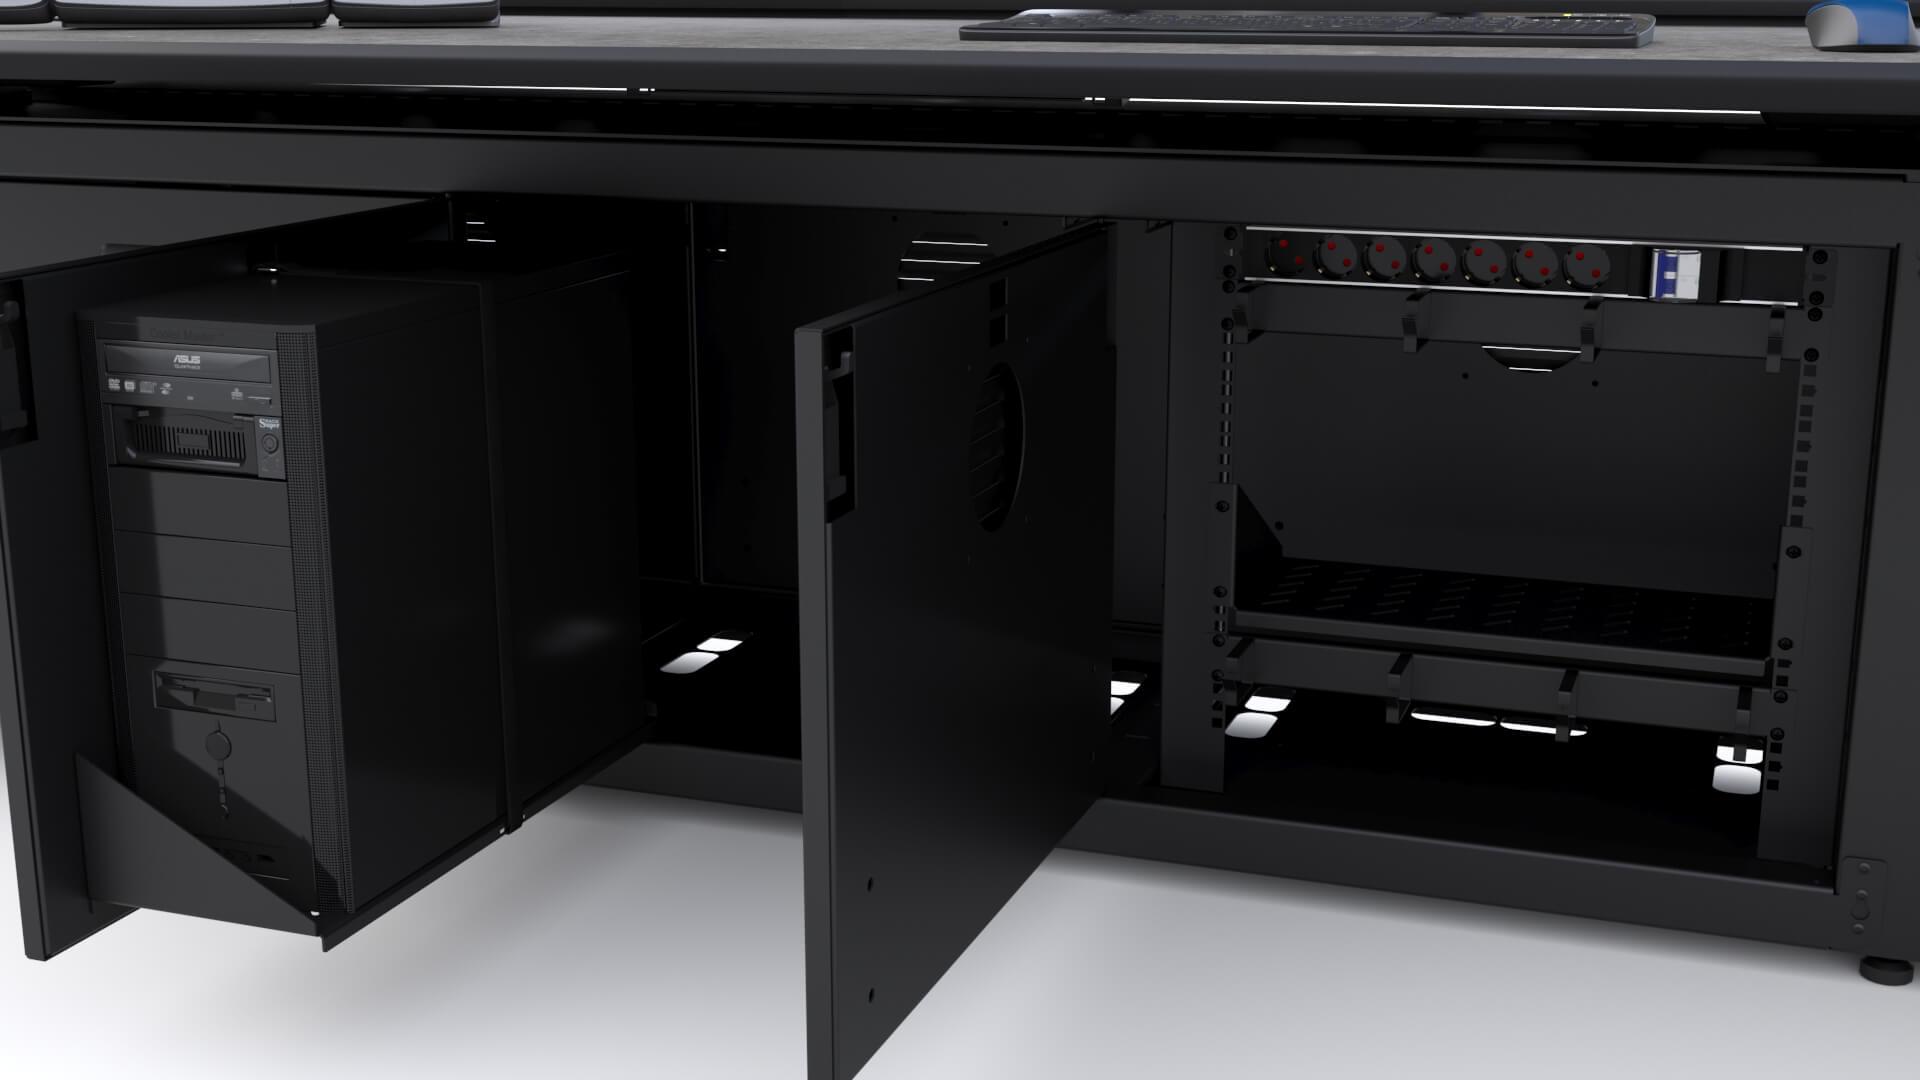 Назначение технических отсеков в диспетчерской мебели